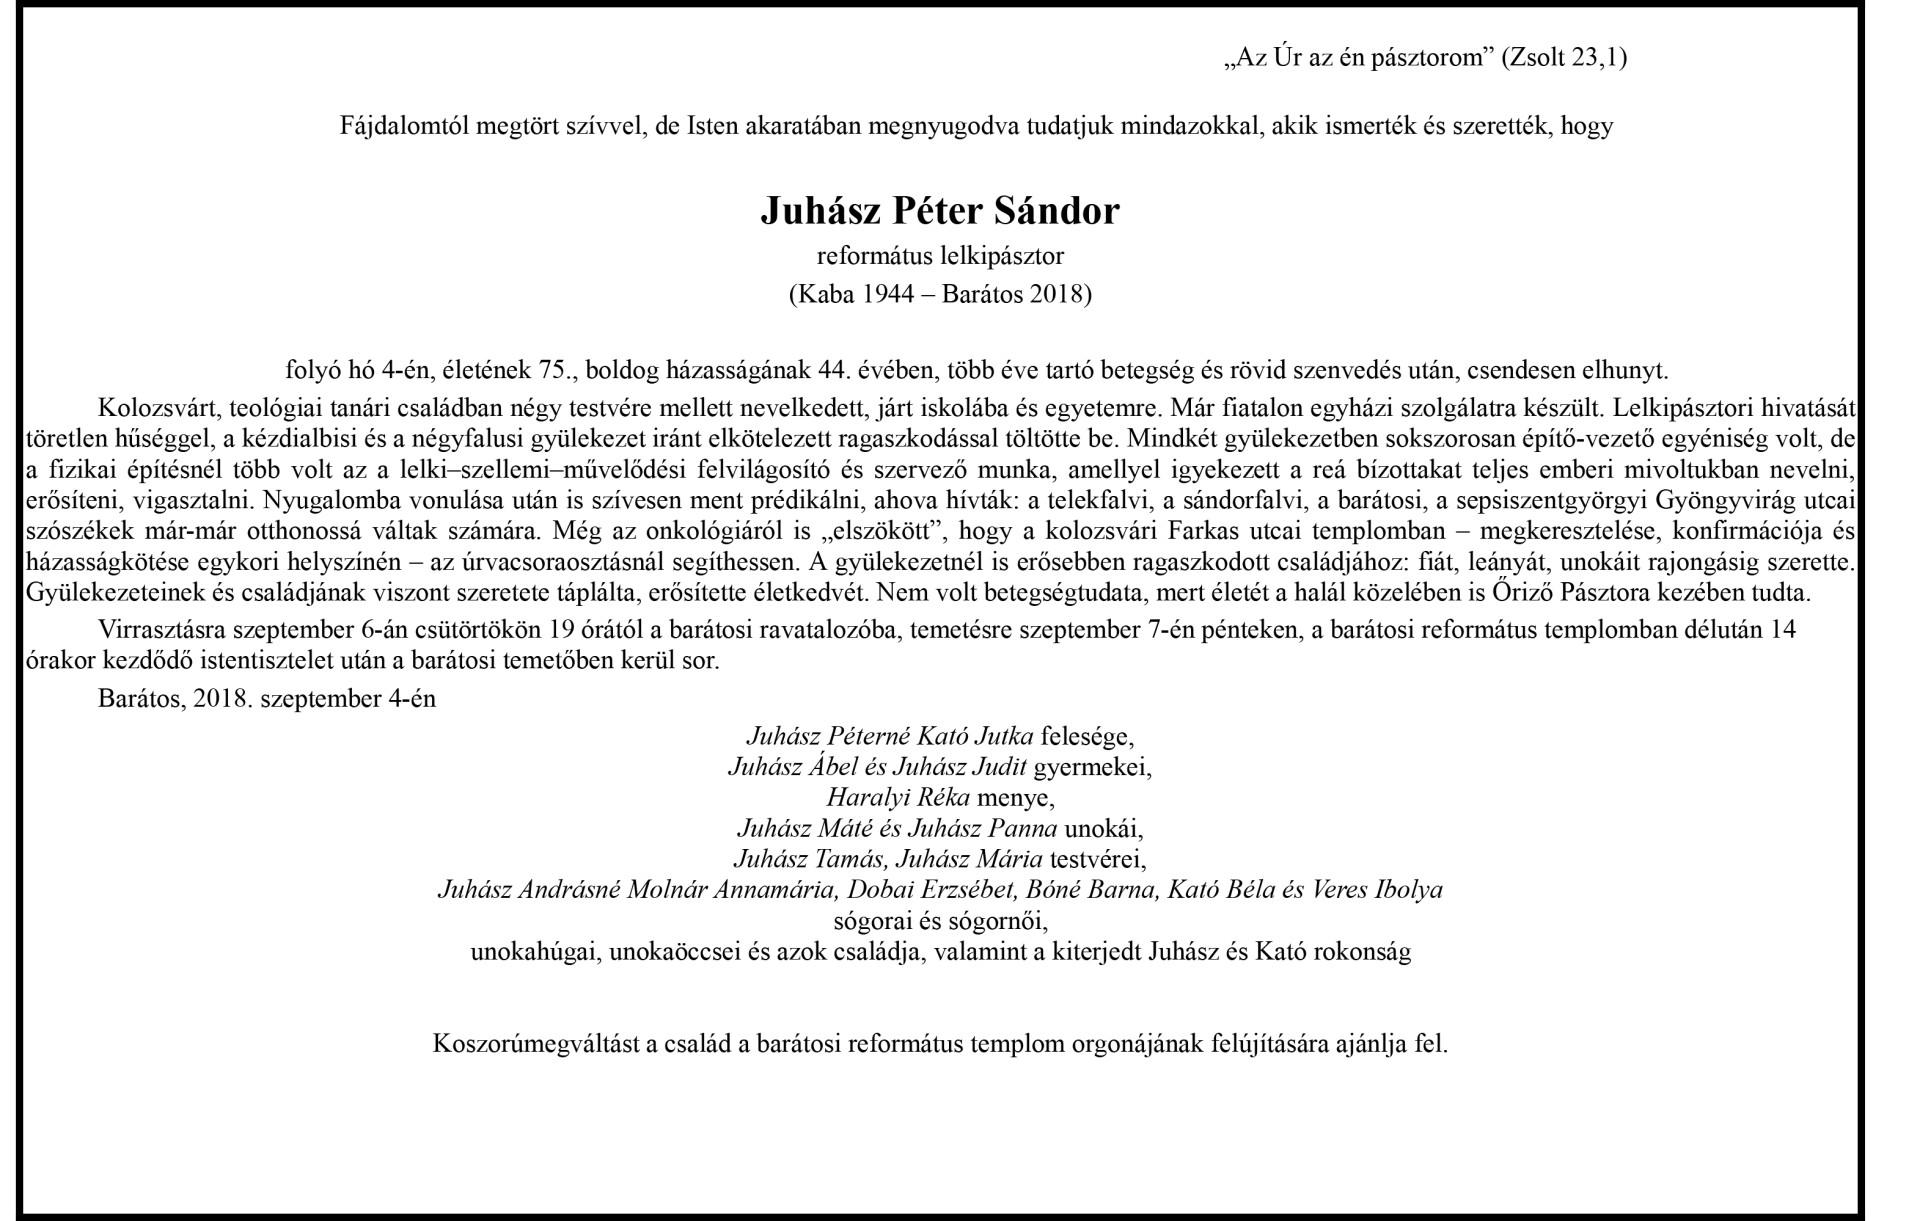 Gyászjelenés  - Juhász Péter Sándor